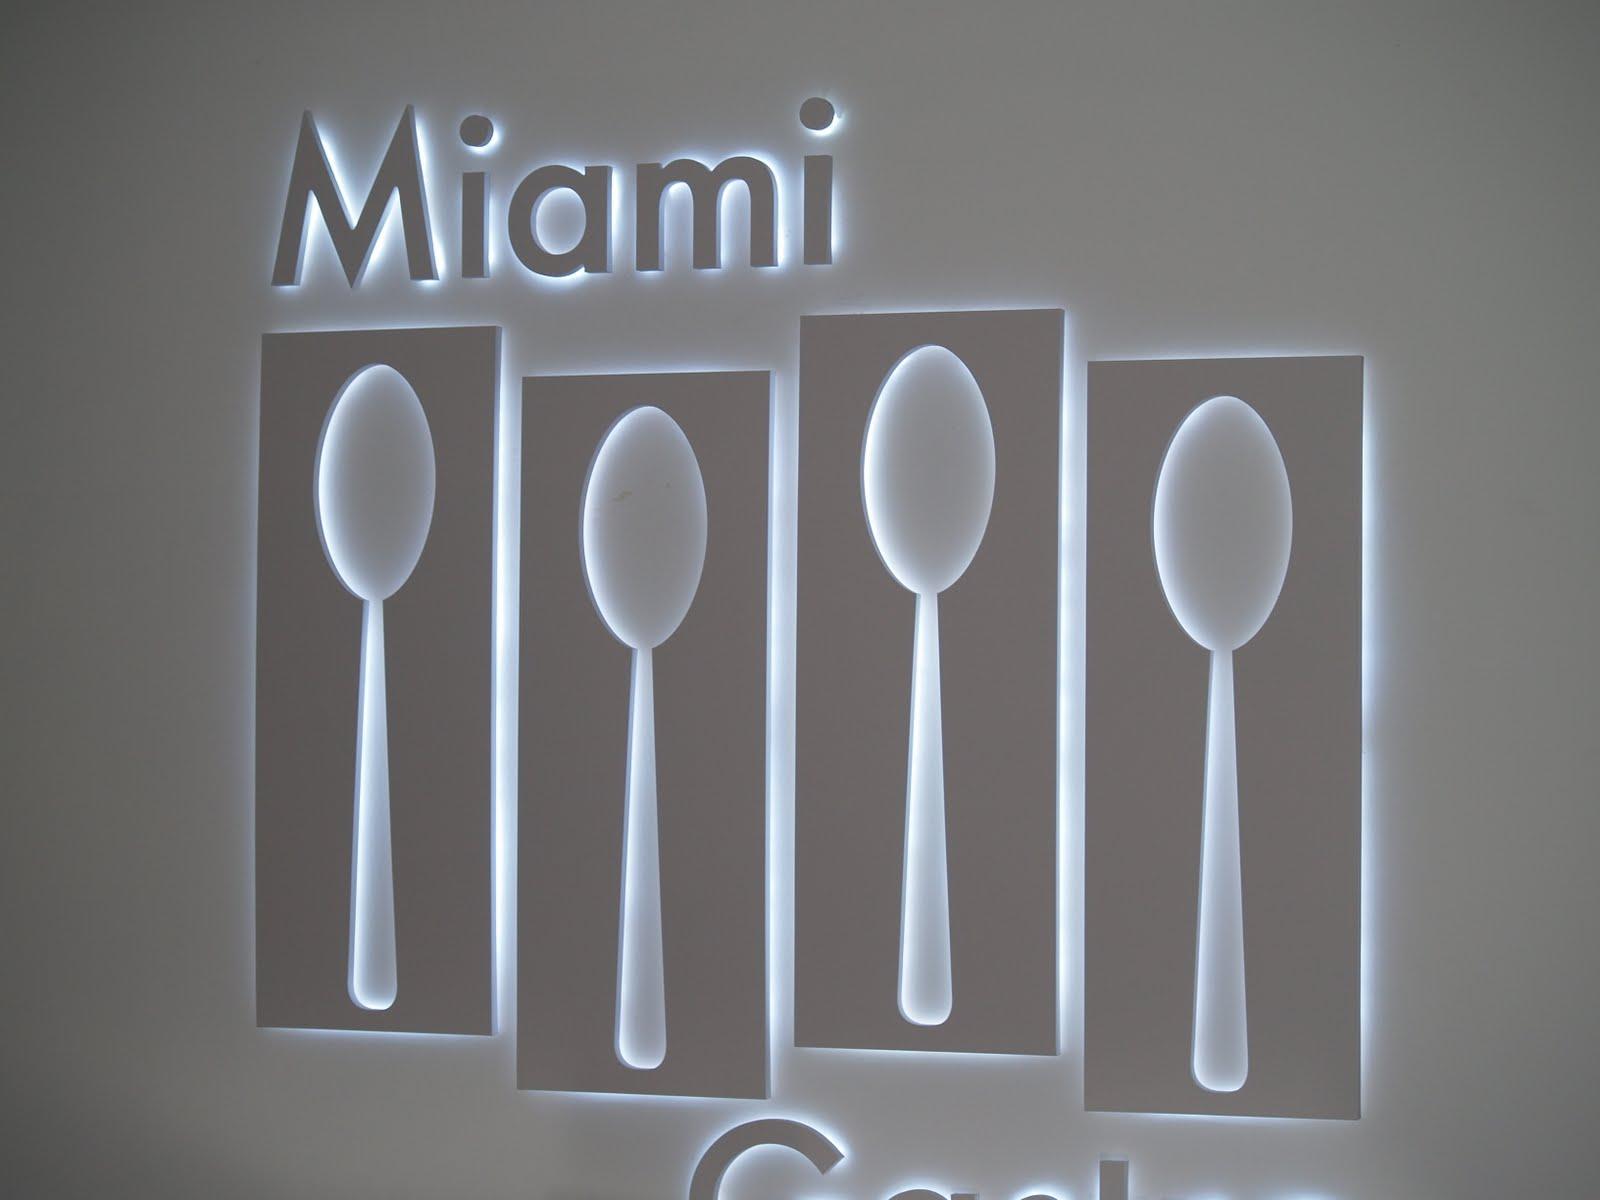 Miami Gastro, Ciudad Real